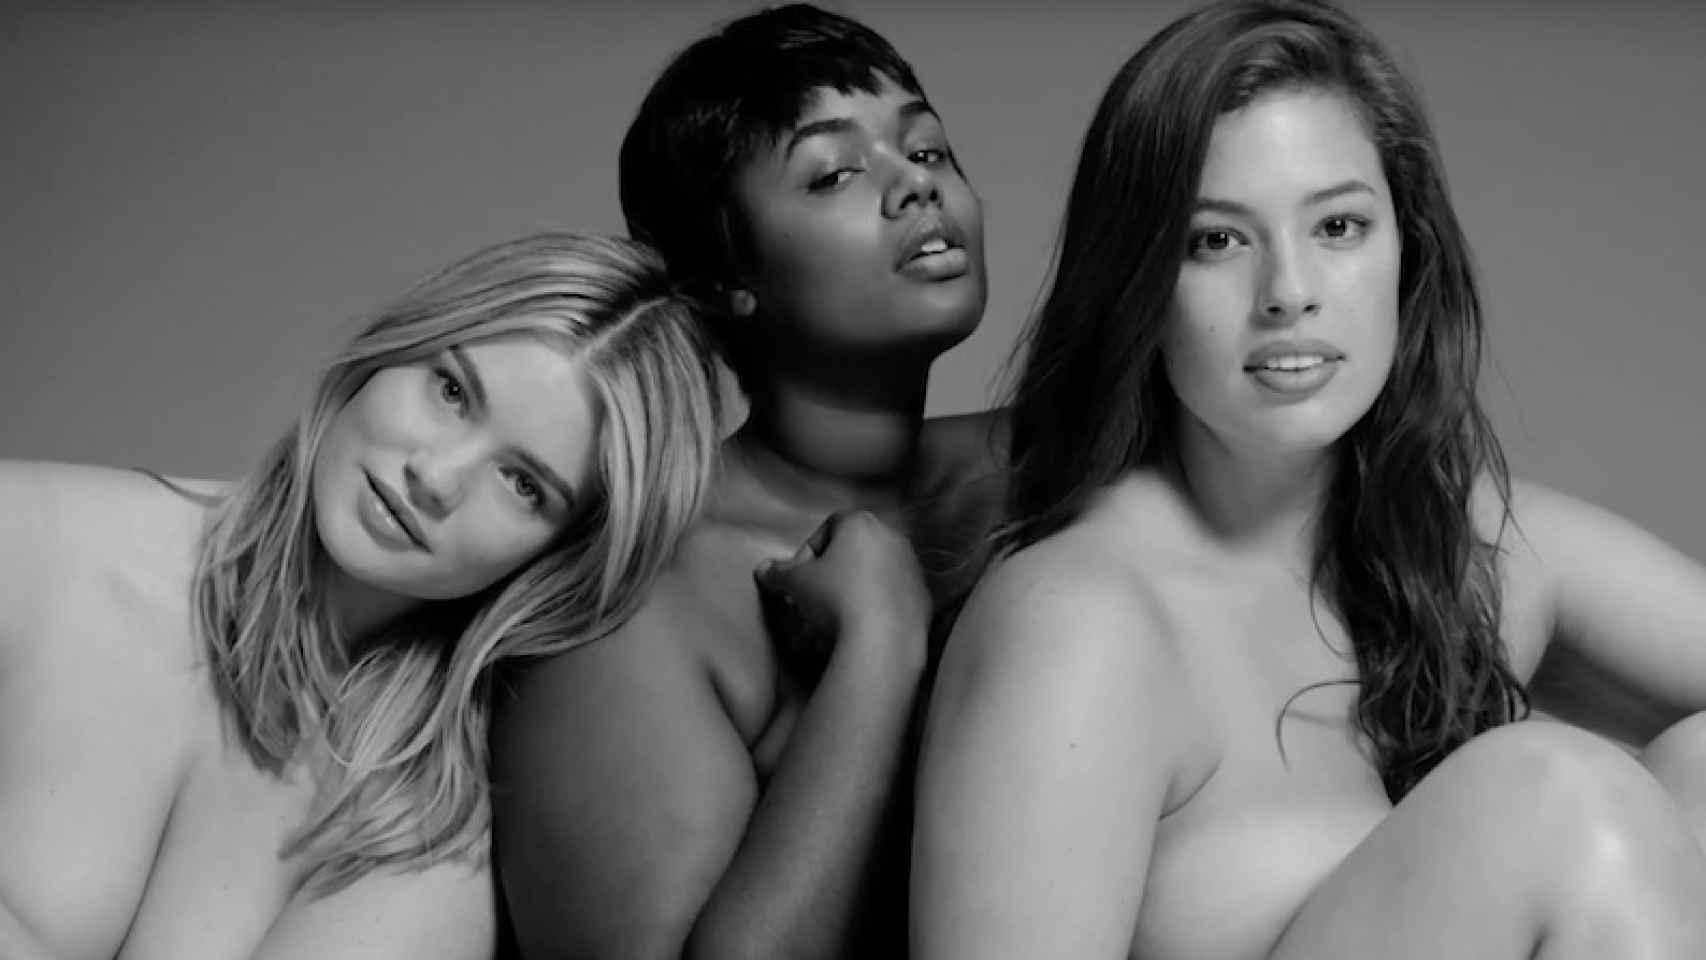 Fotos desnudas de tallas grandes de mujeres